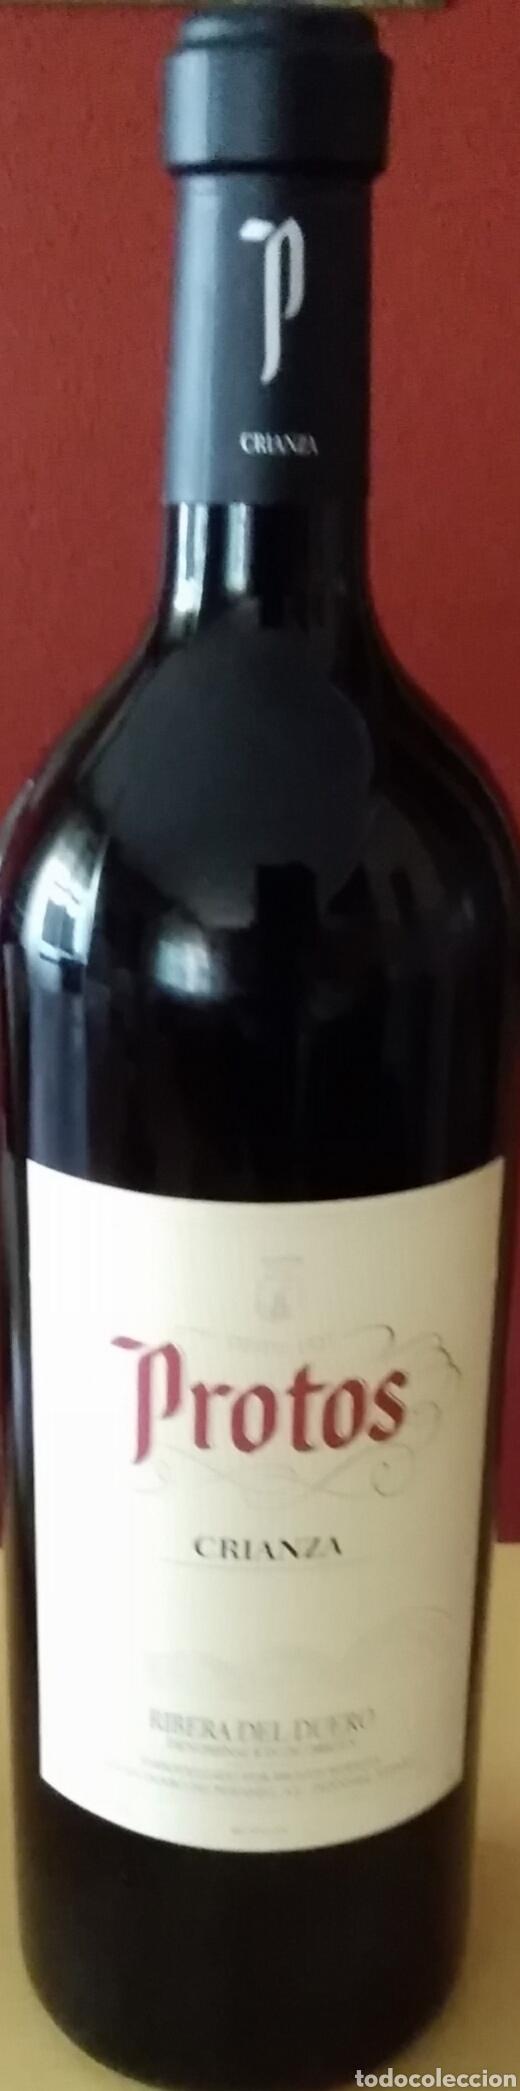 BOTELLA DE PROTOS CRIANZA MAGNUM 3 LITROS,( DECORATIVA) (Coleccionismo - Botellas y Bebidas - Vinos, Licores y Aguardientes)